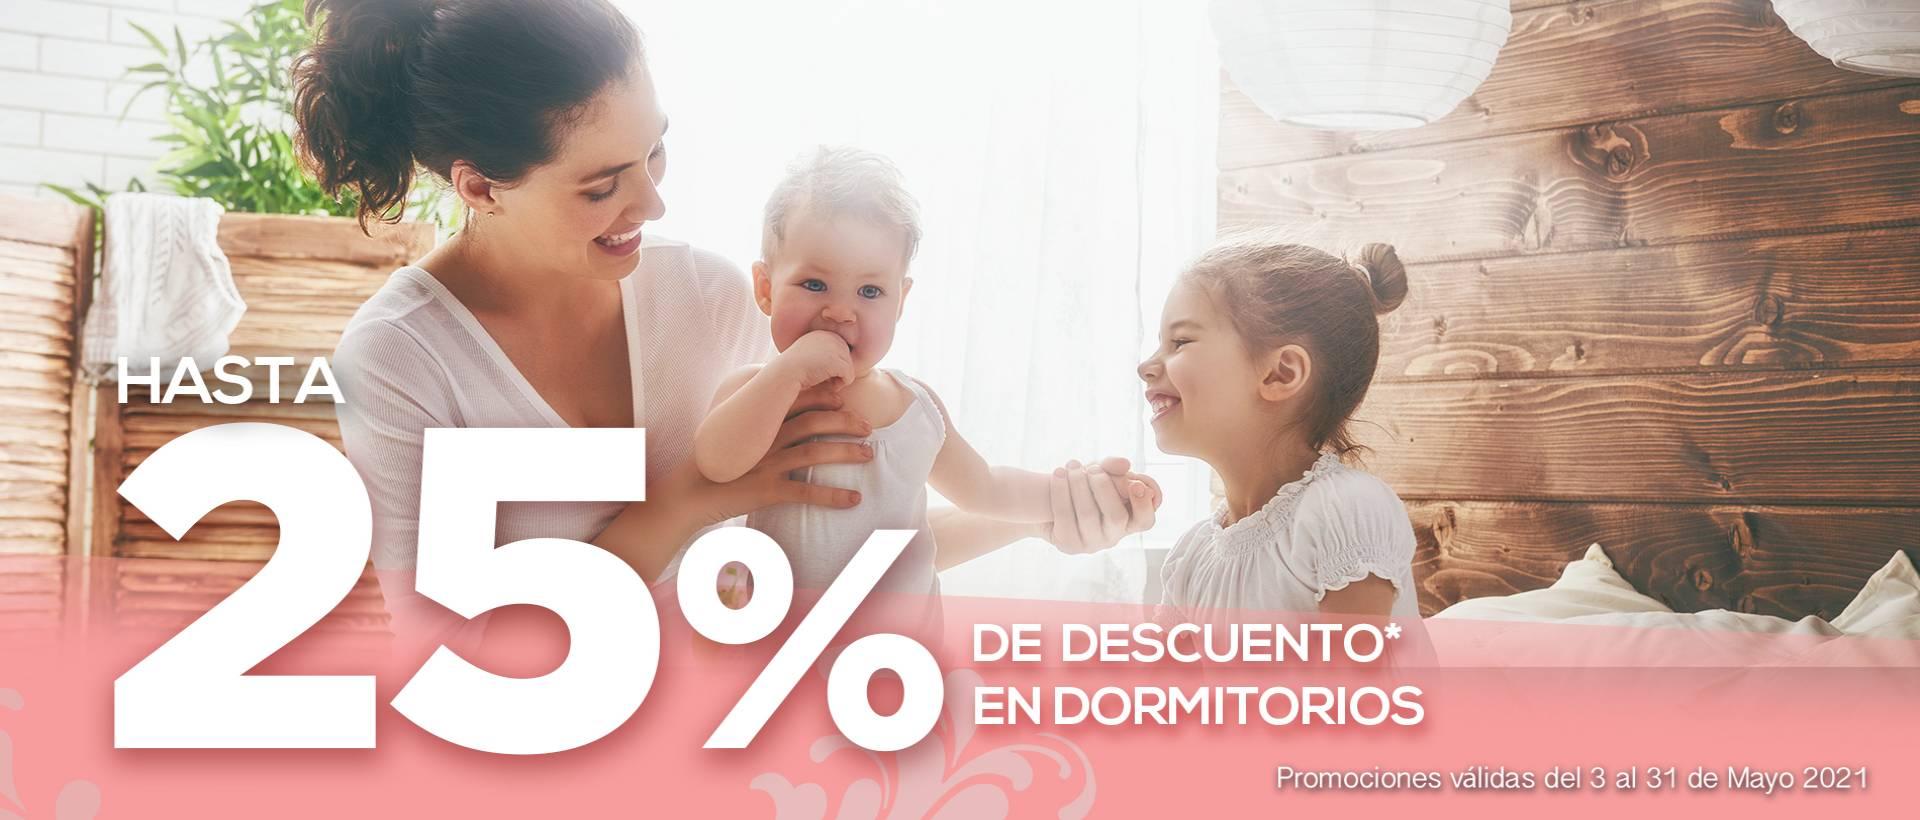 https://www.mueblesfiesta.com/ofertas.html